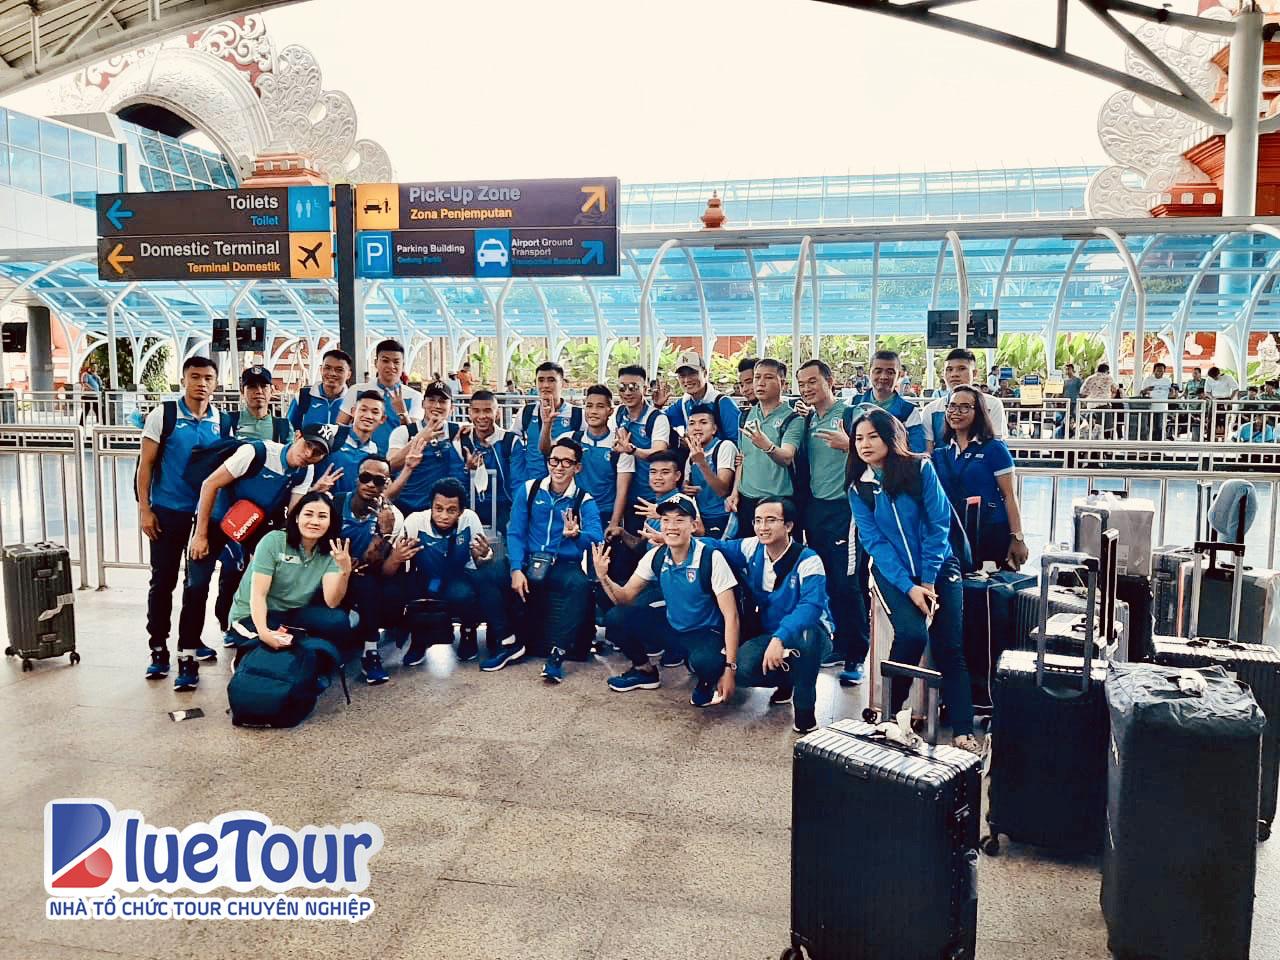 Bluetour đồng hành cùng CLB Than Quảng Ninh, tham dự AFC Cup 2020 tại Bali, Indonesia